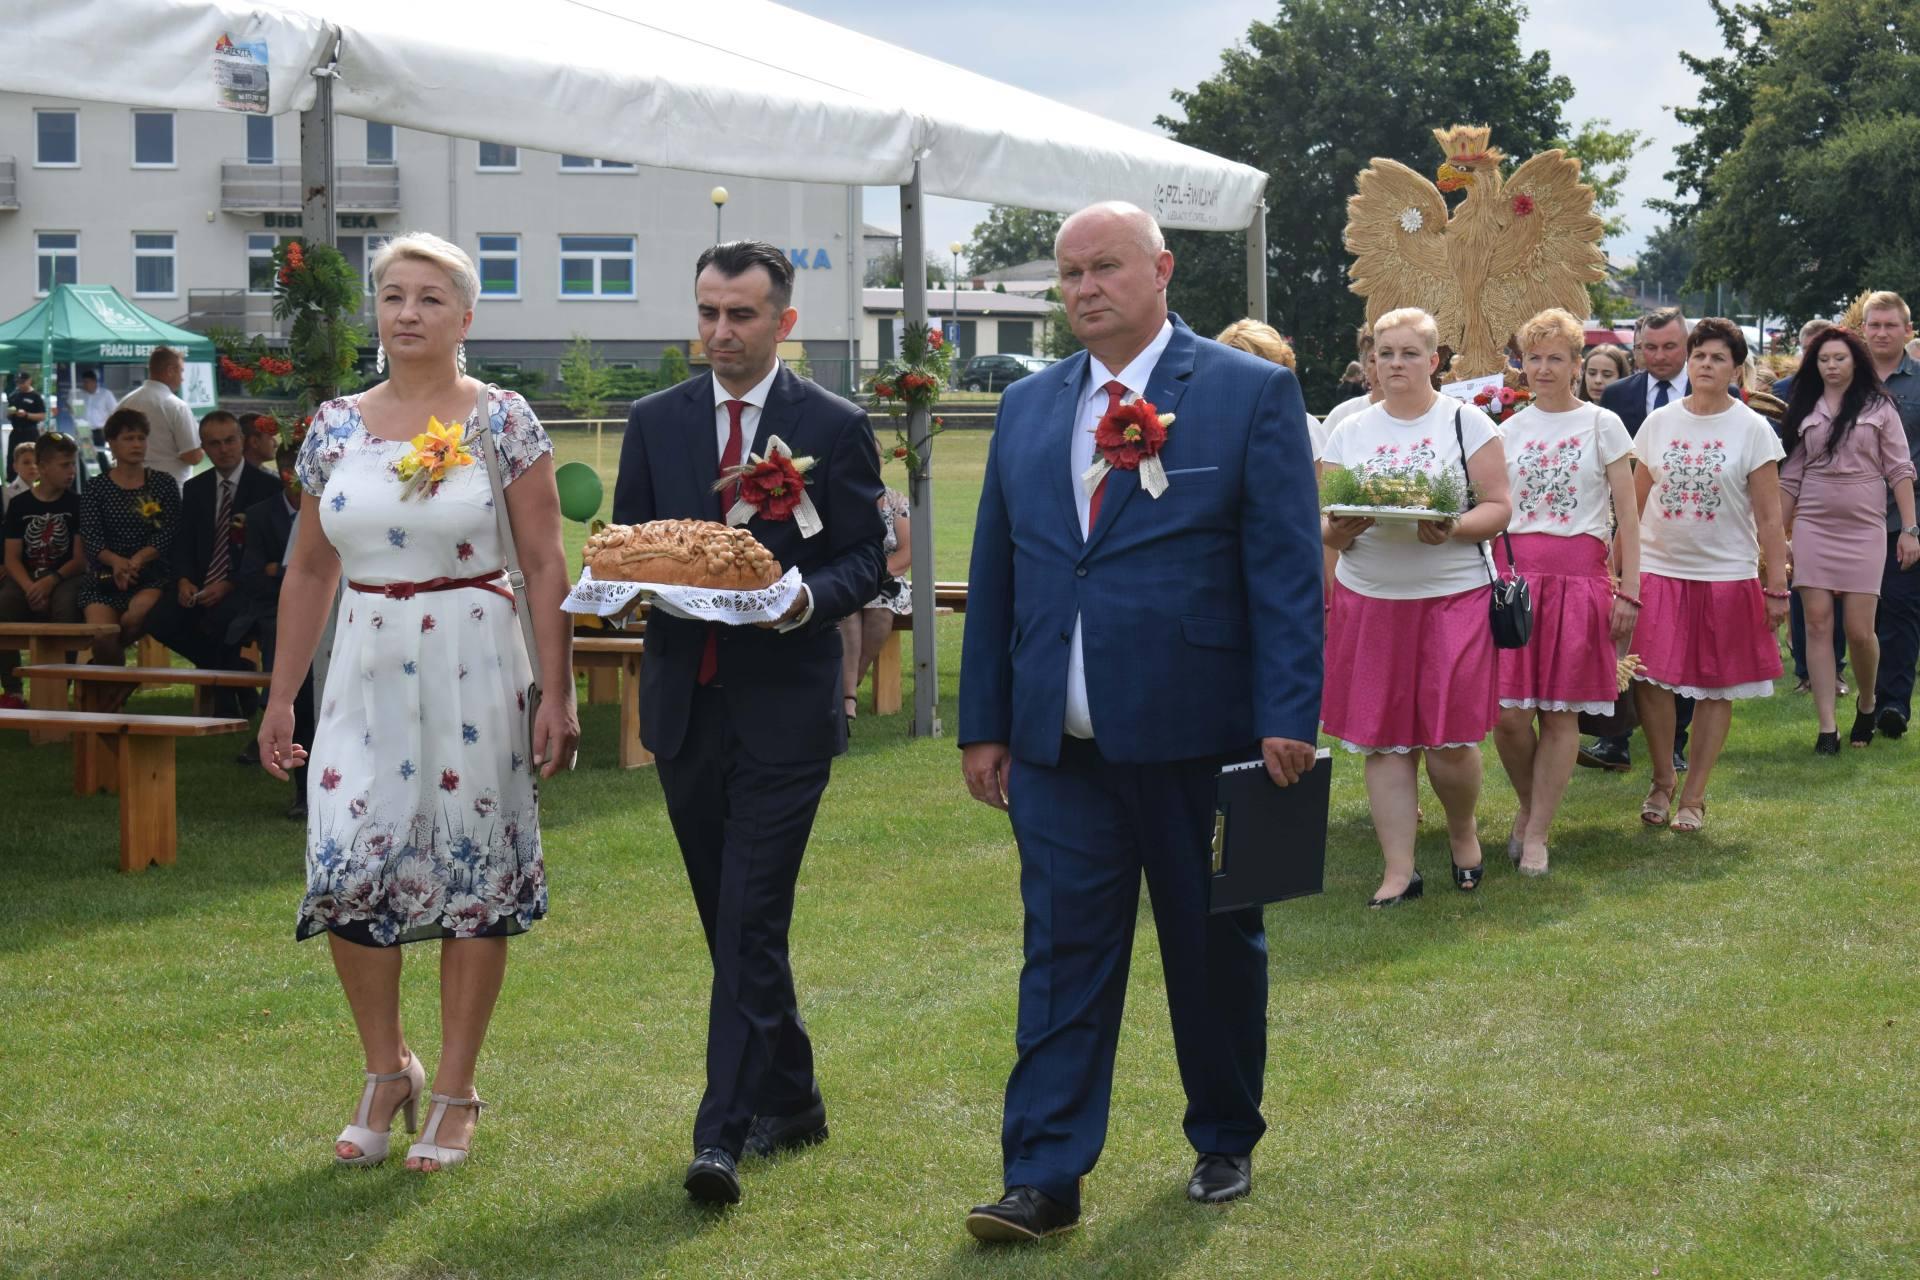 dsc 0622 23 sierpnia odbyły się Dożynki Powiatowo-Gminne w Łabuniach. Publikujemy zdjęcia